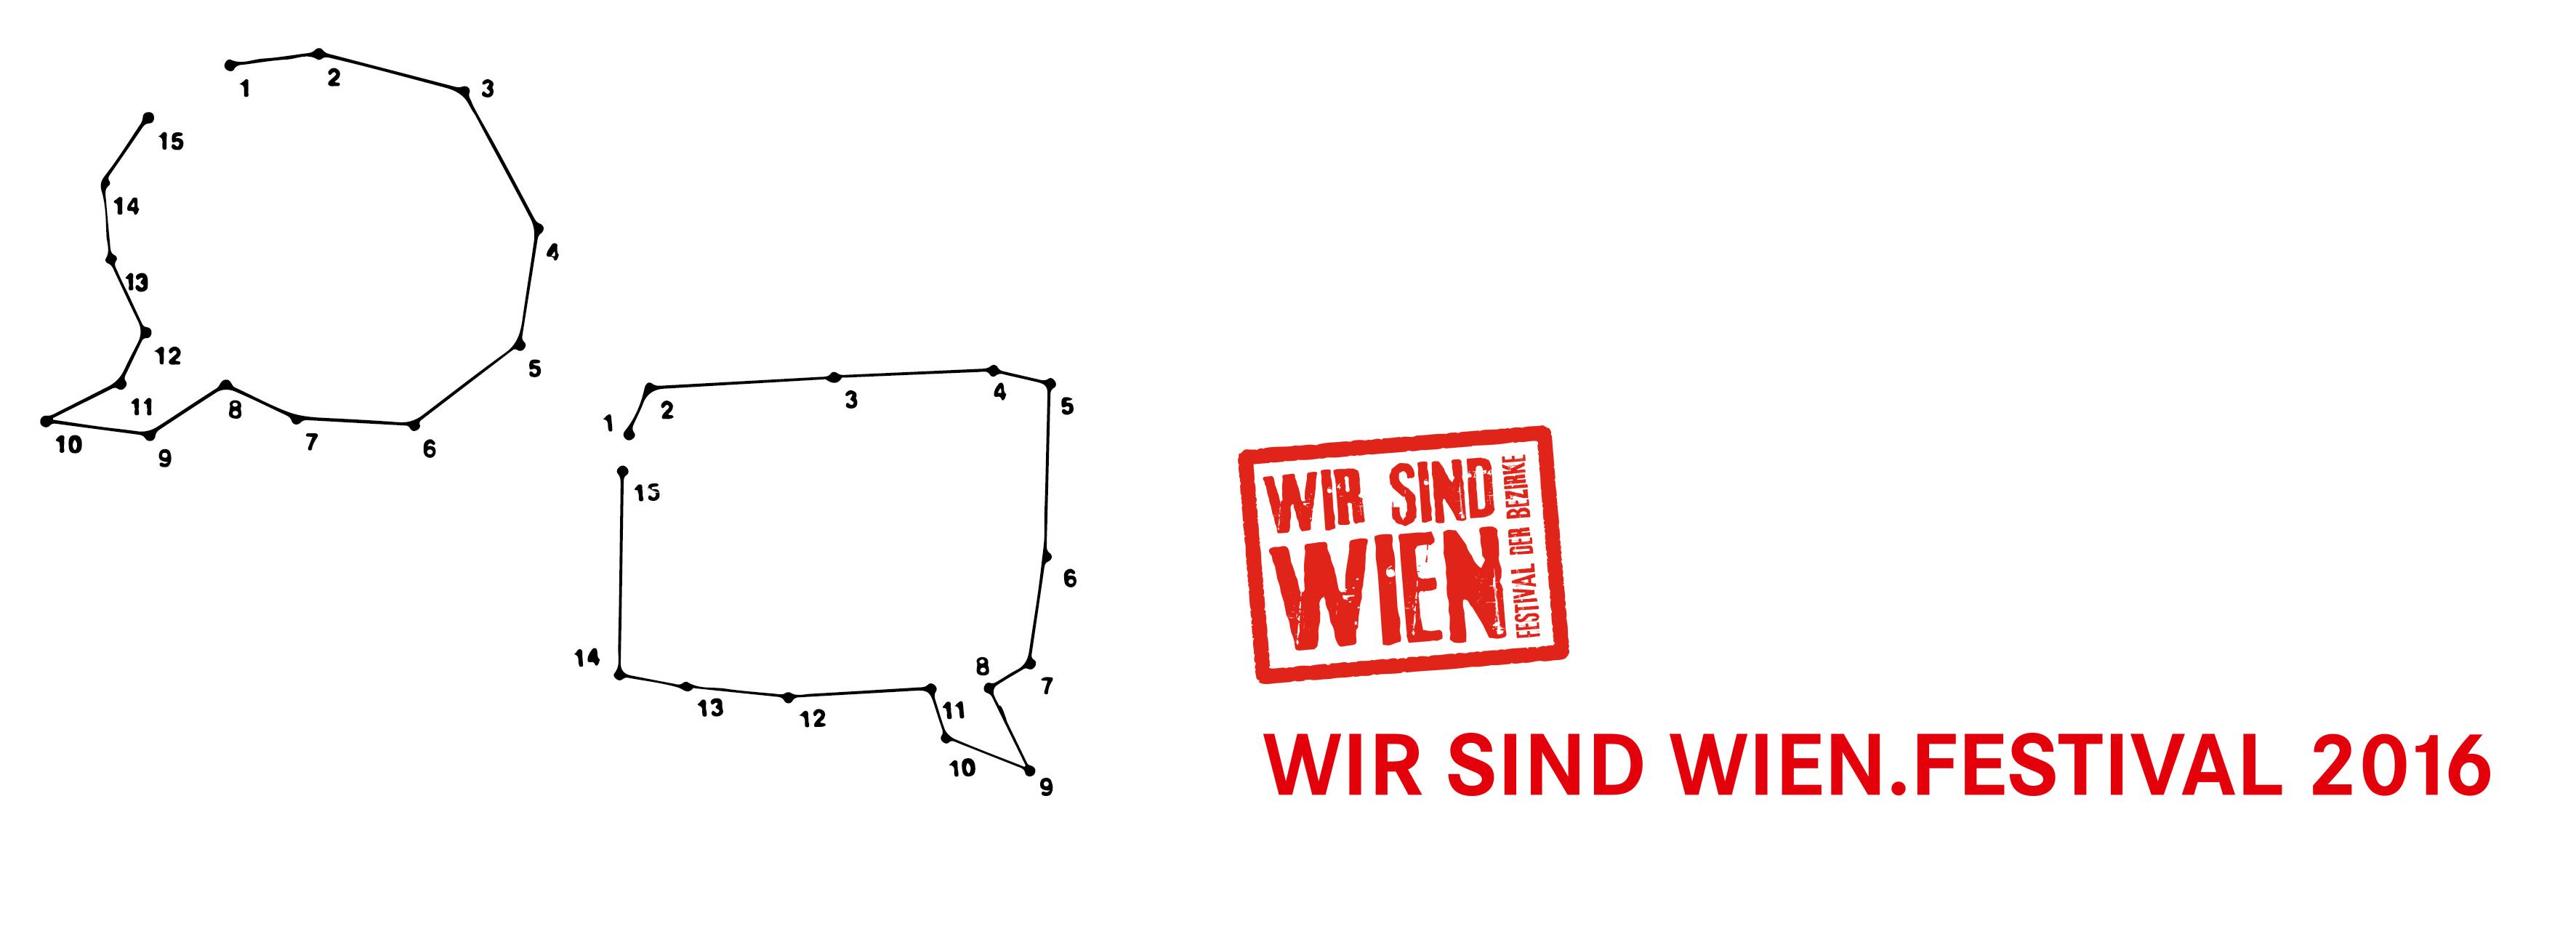 WIRSINDWIEN.FESTIVAL_solo_dotdotdot16